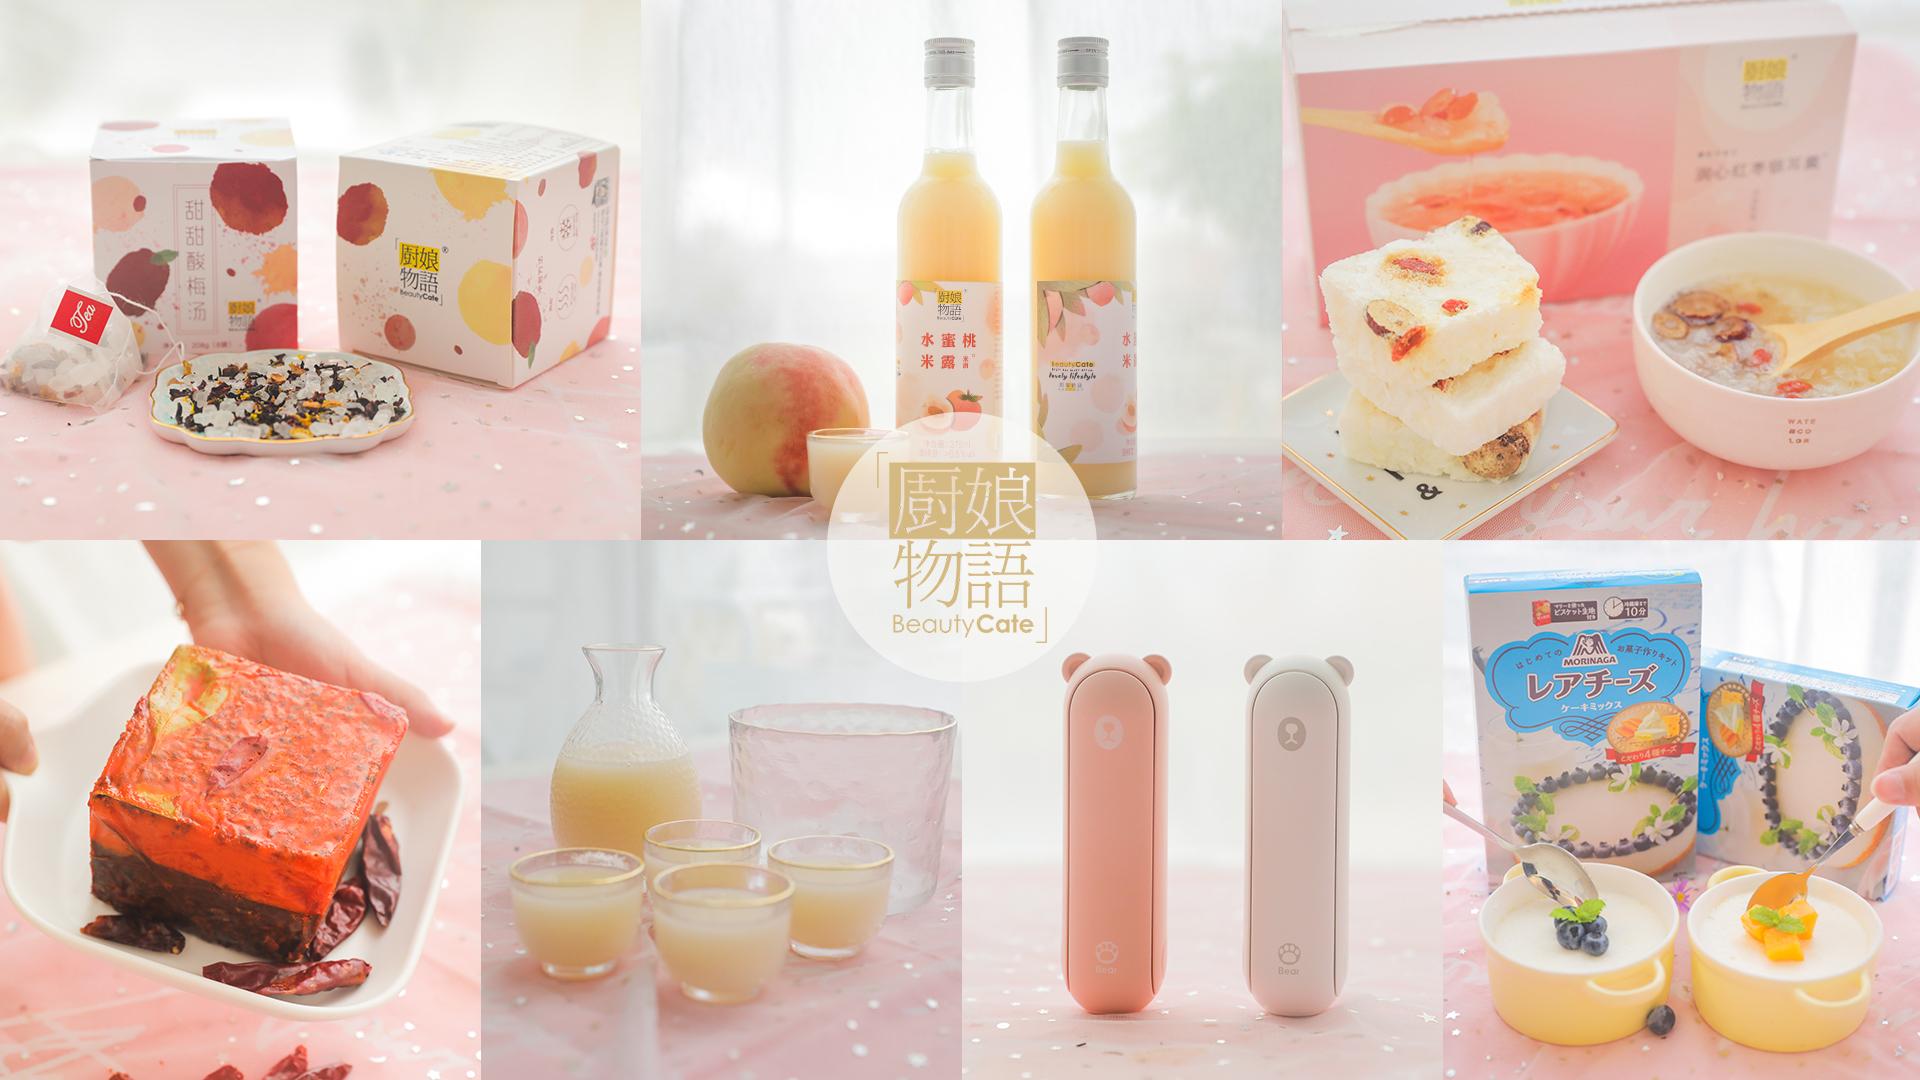 「厨娘物语」七款精挑细选的夏日好物,总有一款你会爱上!